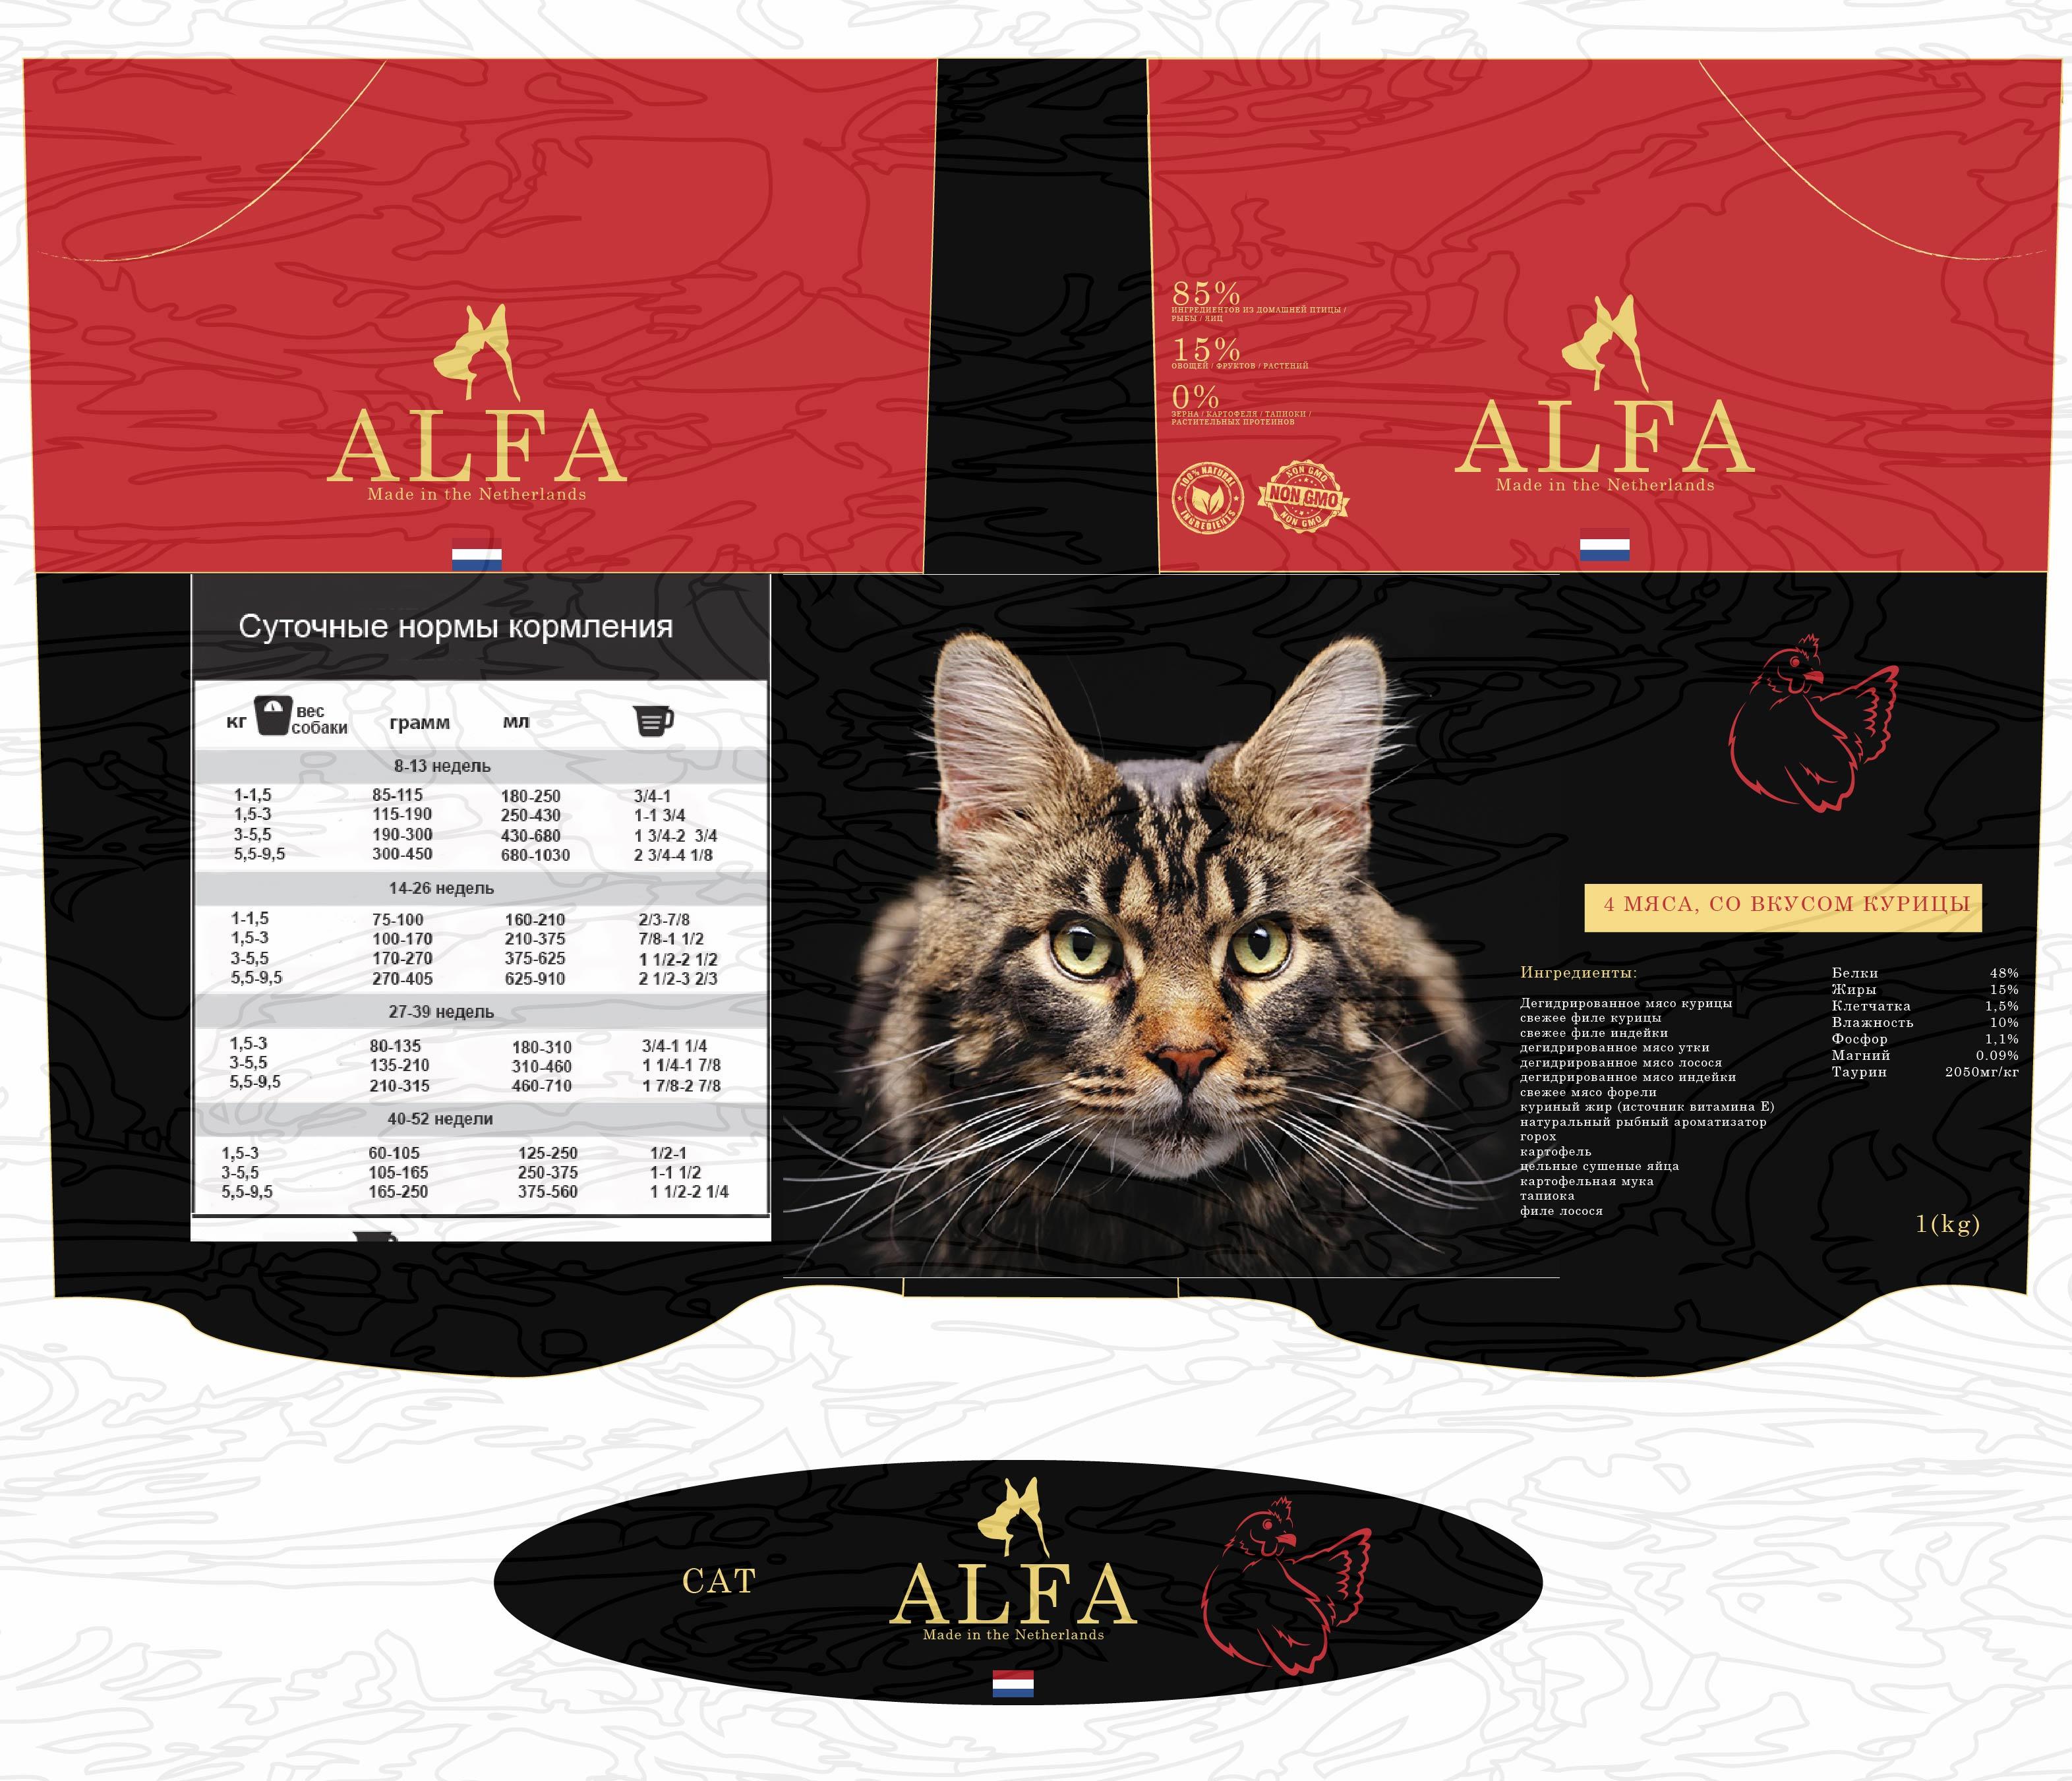 Создание дизайна упаковки для кормов для животных. фото f_8985ae39a0e39ed5.jpg